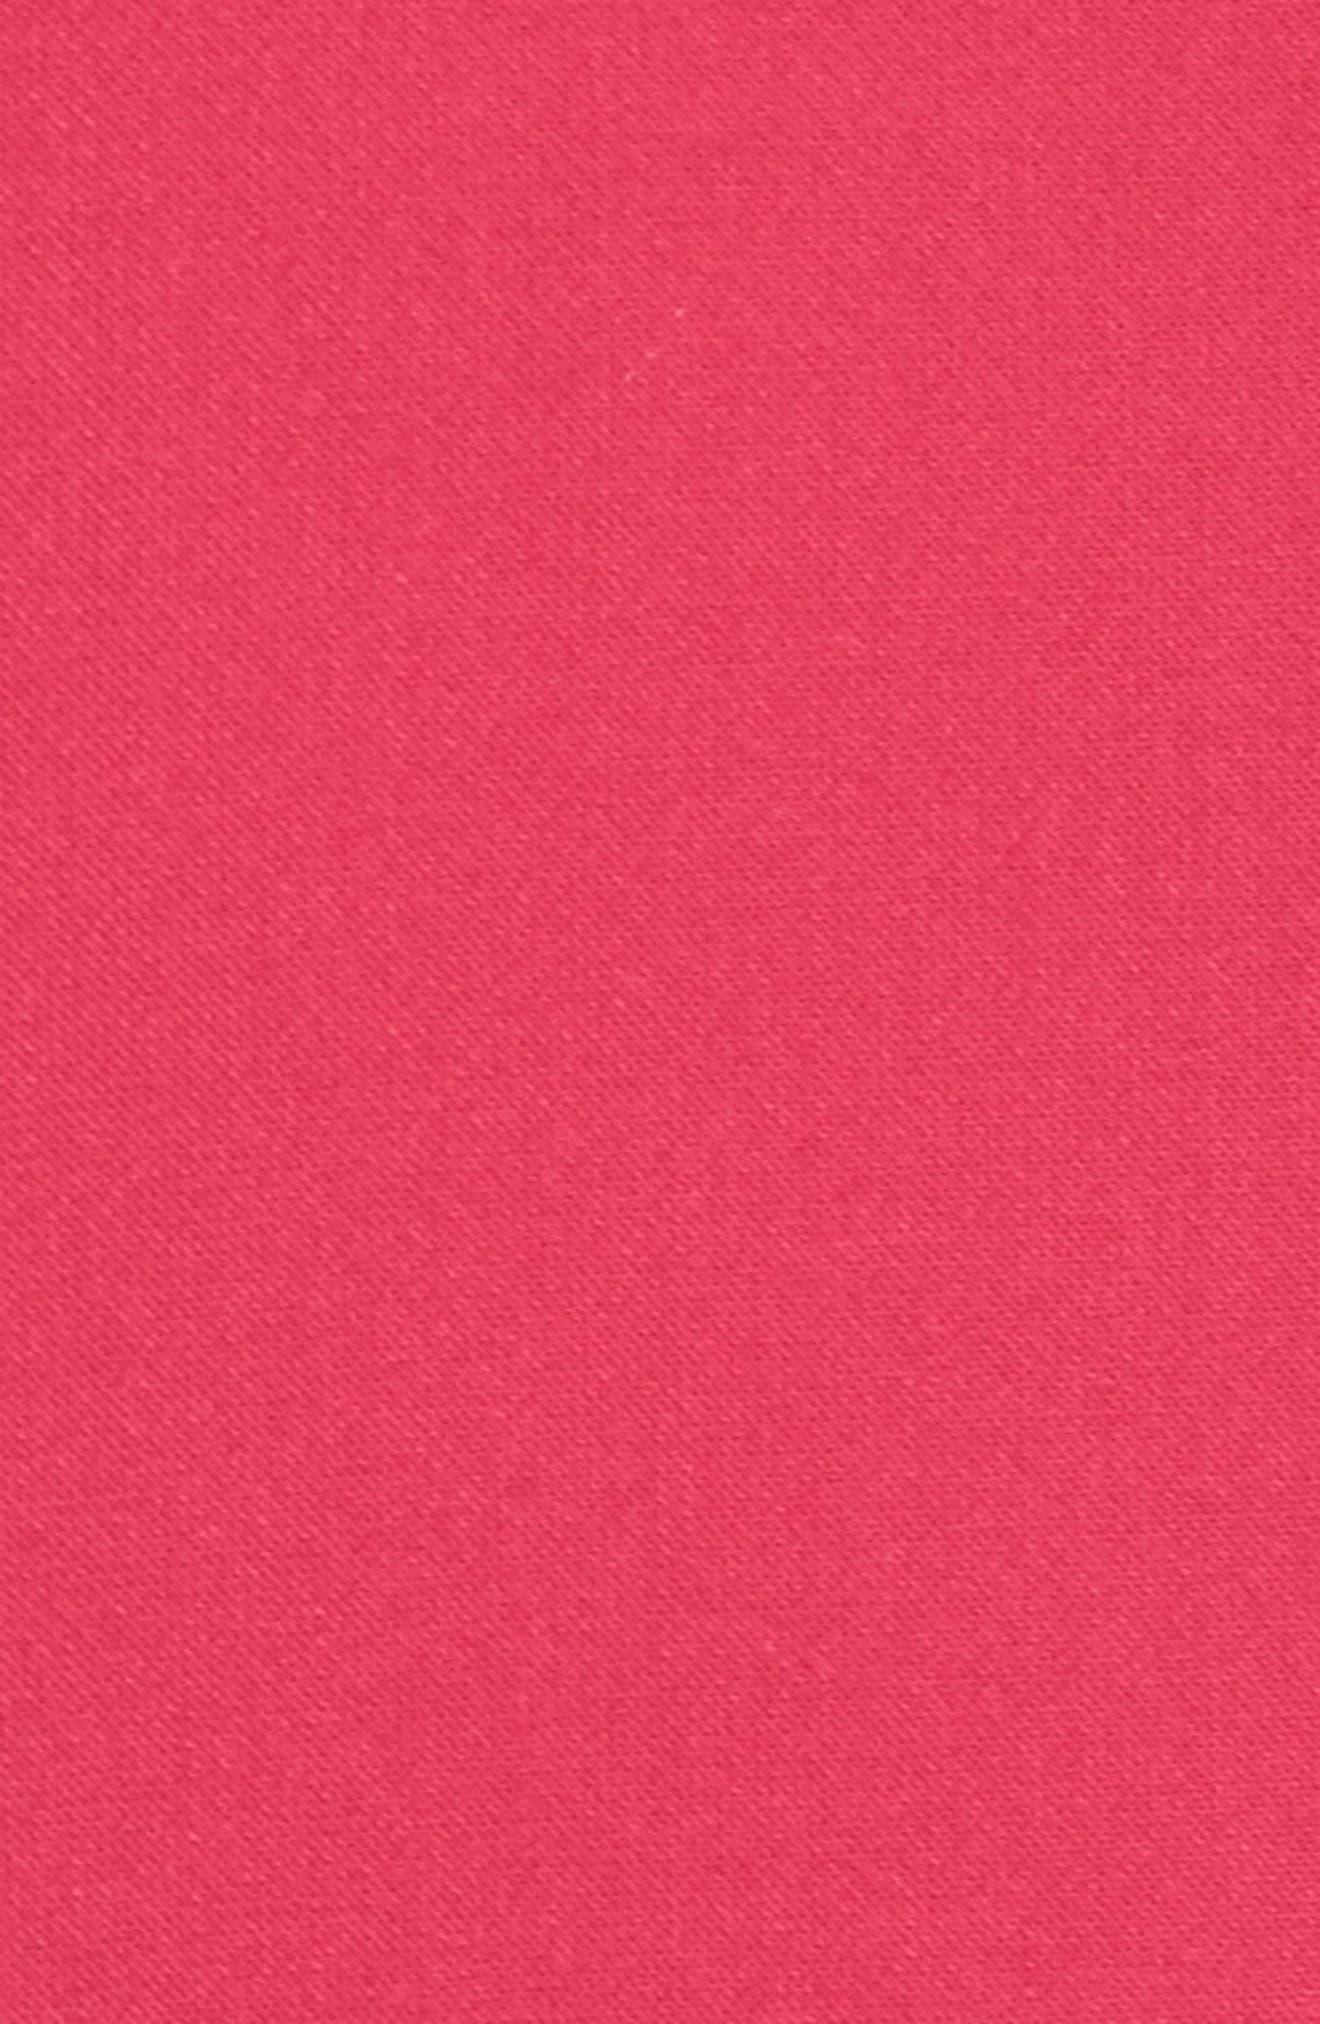 Whisper Light Sheath Dress,                             Alternate thumbnail 6, color,                             Magenta